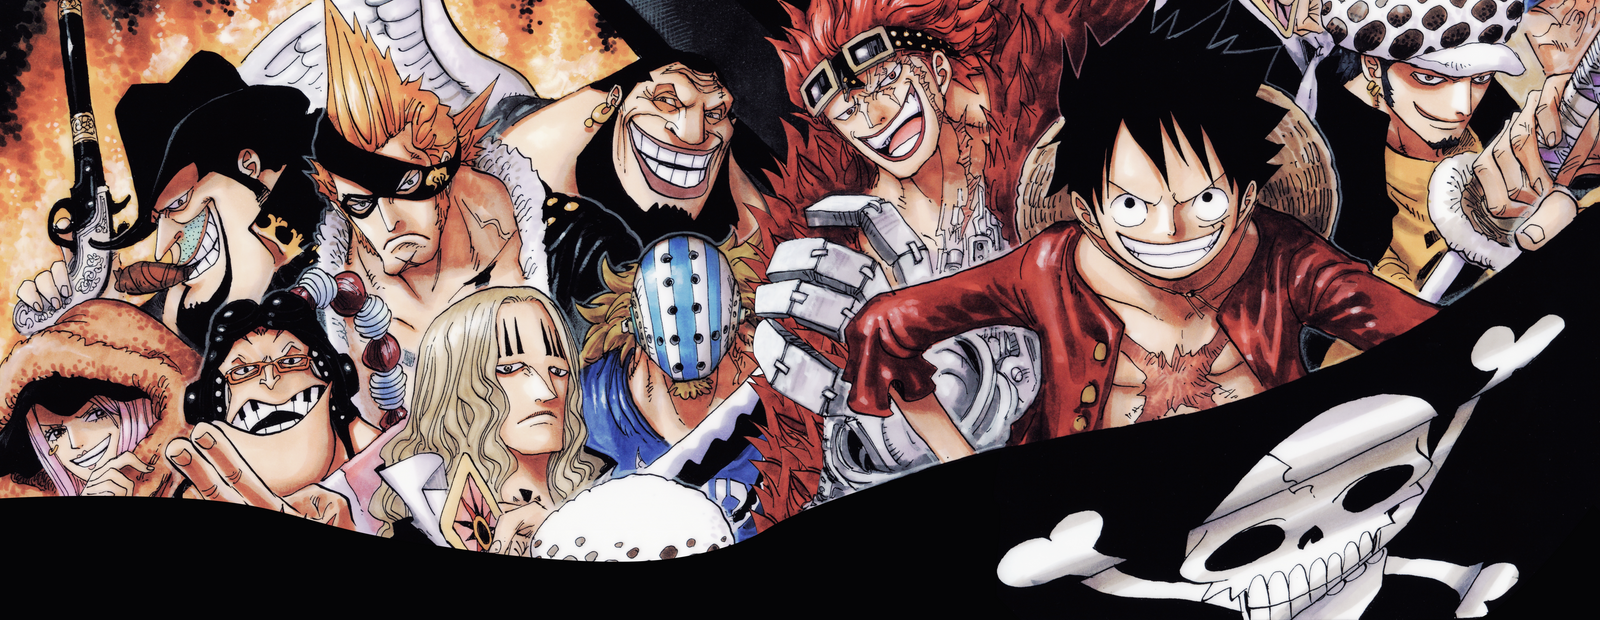 One Piece Wallpaper Supernovas